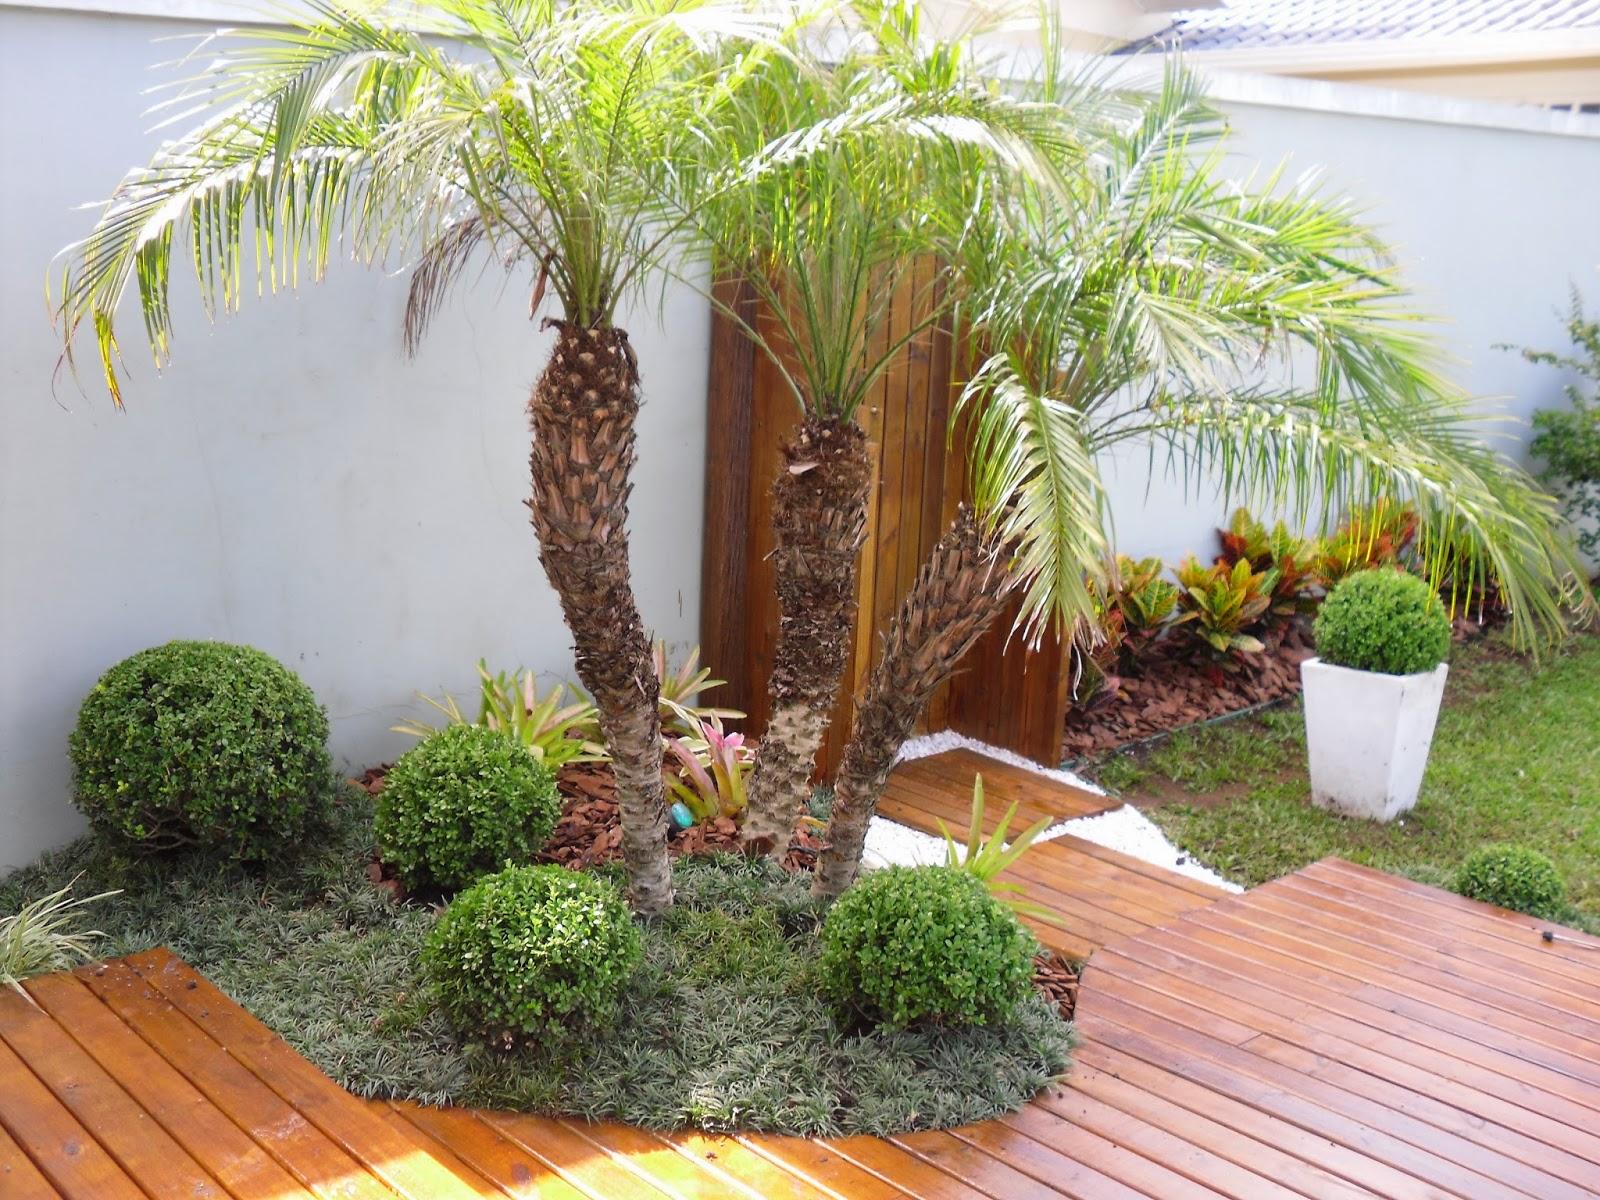 plantas jardim litoral : plantas jardim litoral:Postado por Mario de Mendonça Lima Heck